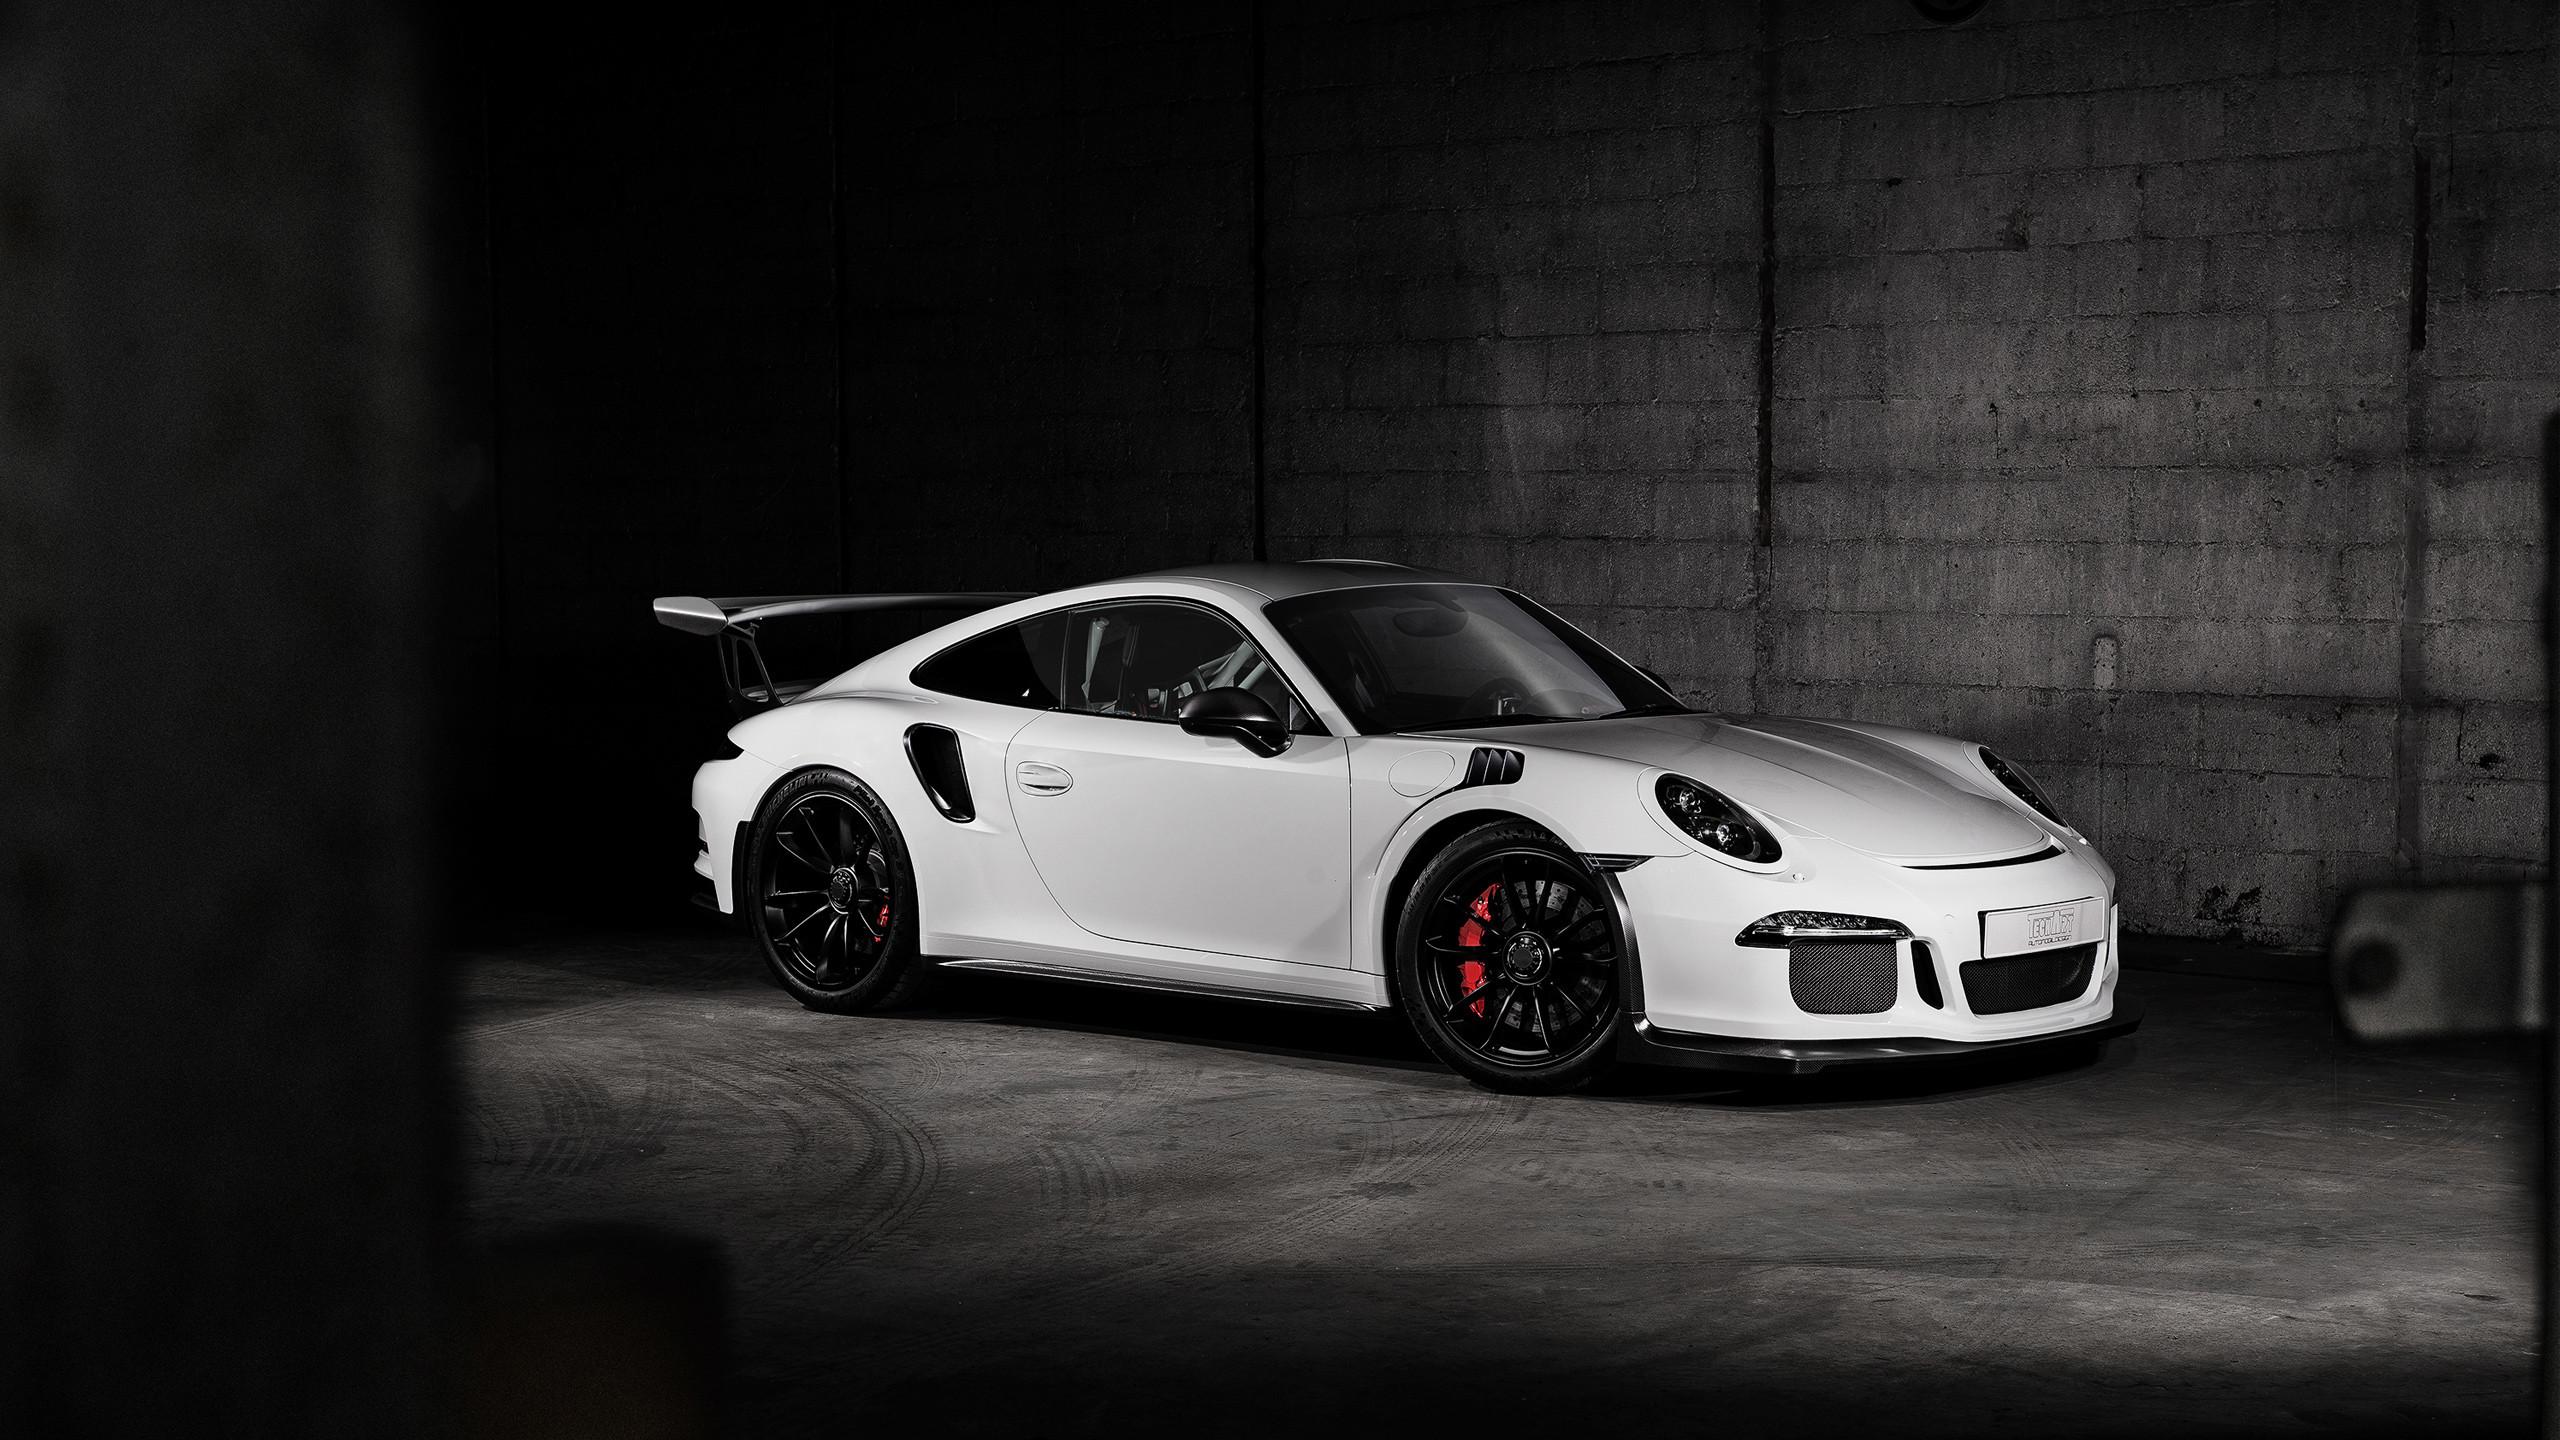 Porsche Gt3 Rs Wallpaper ① Wallpapertag